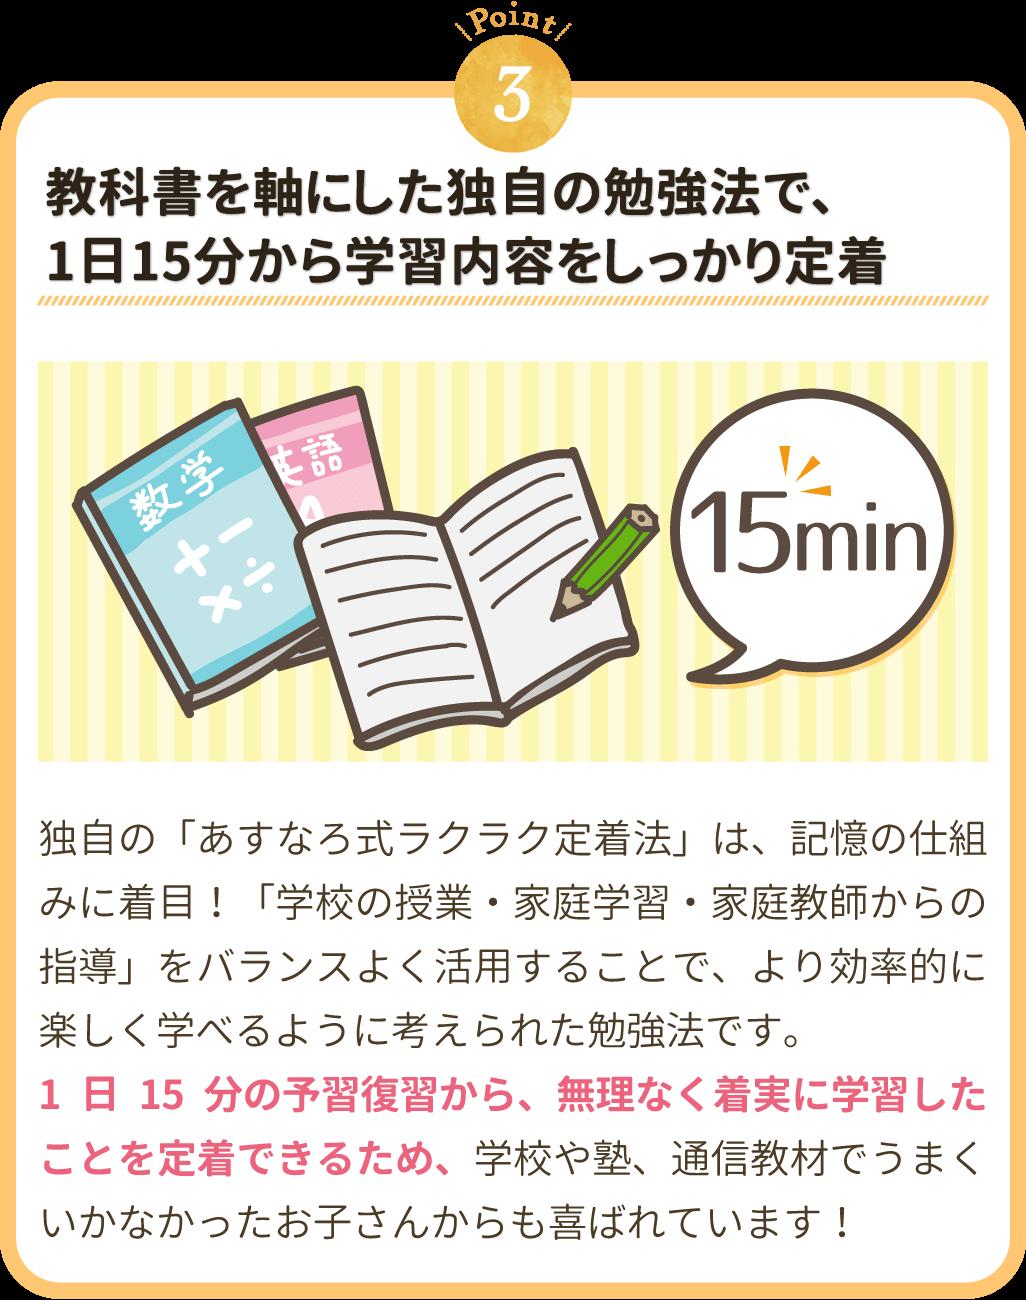 教科書を軸にした独自の勉強法で1日15分から学習内容をしっかり定着